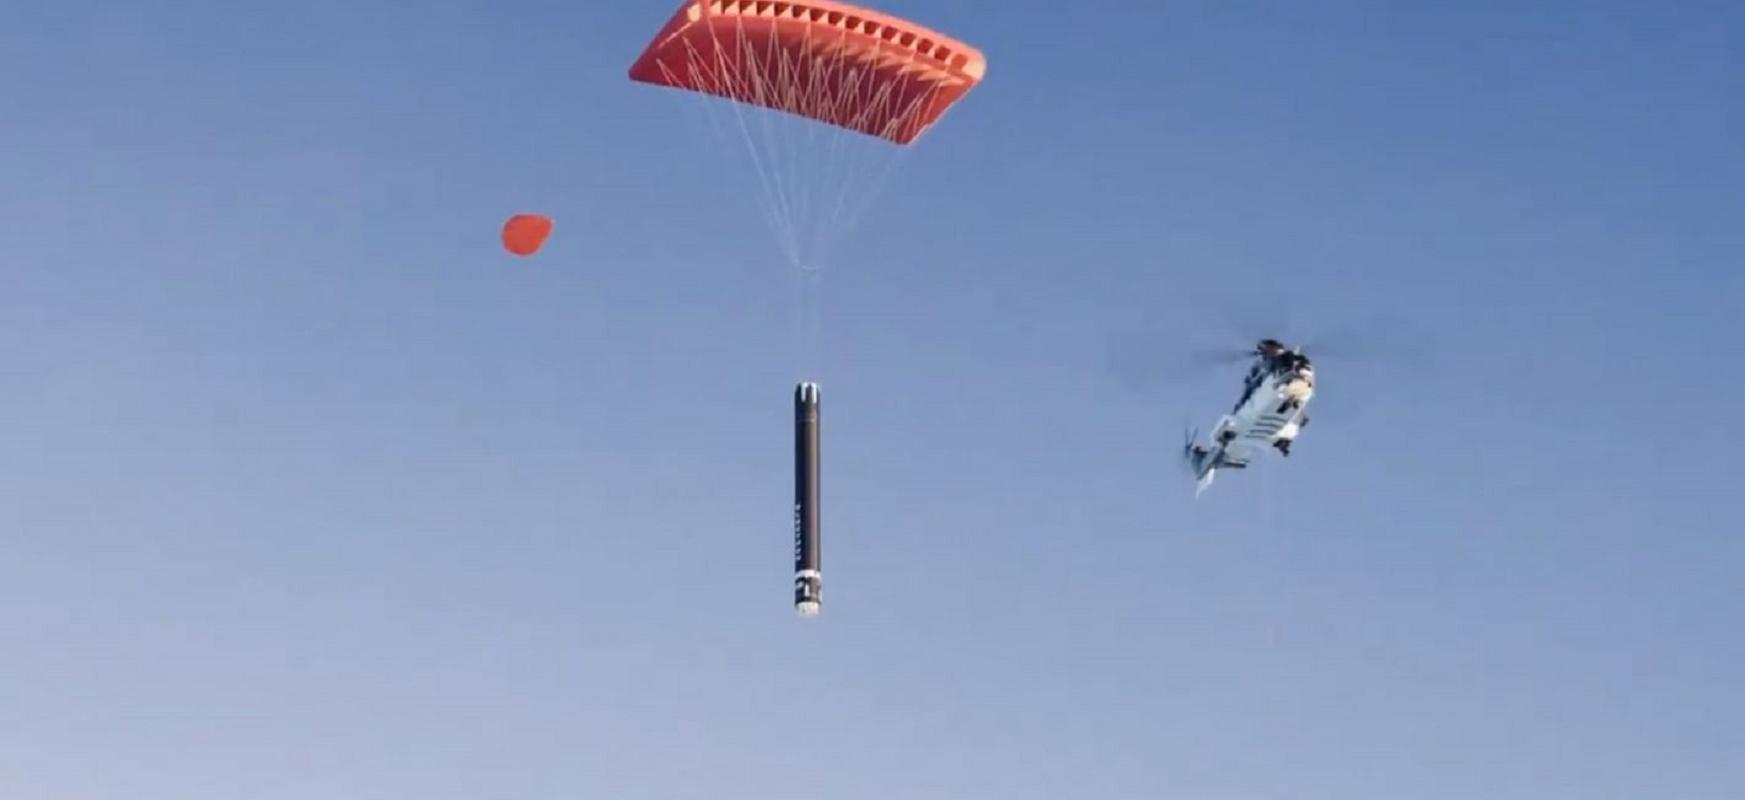 Helikopteroa zerutik erortzen diren suziriak harrapatzen dira.  Rocket Lab-ek SpaceX-ekin lehiatu nahi du